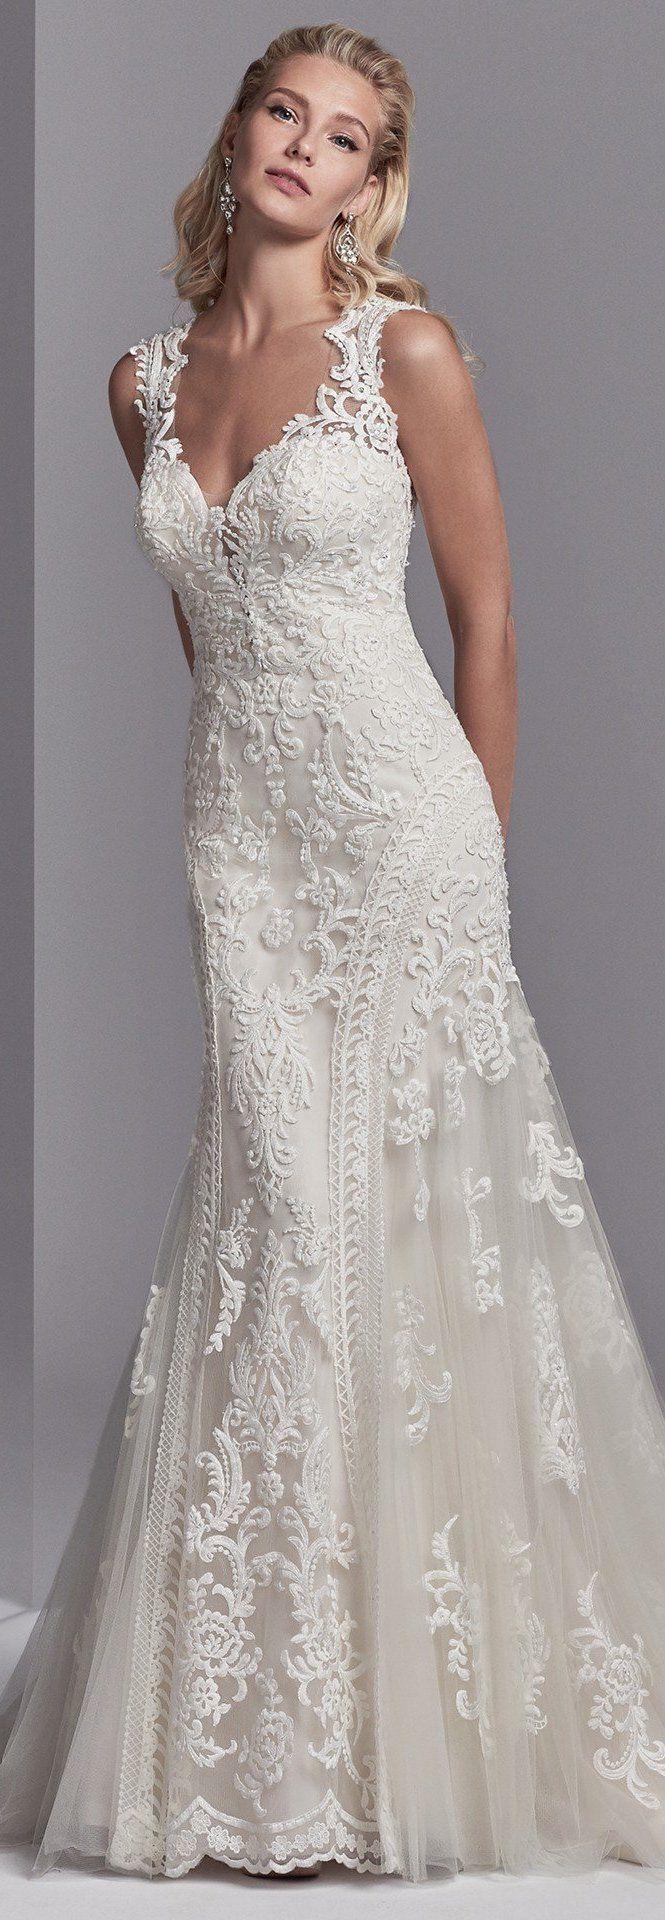 Свадьба - Maggie Sottero Wedding Dresses